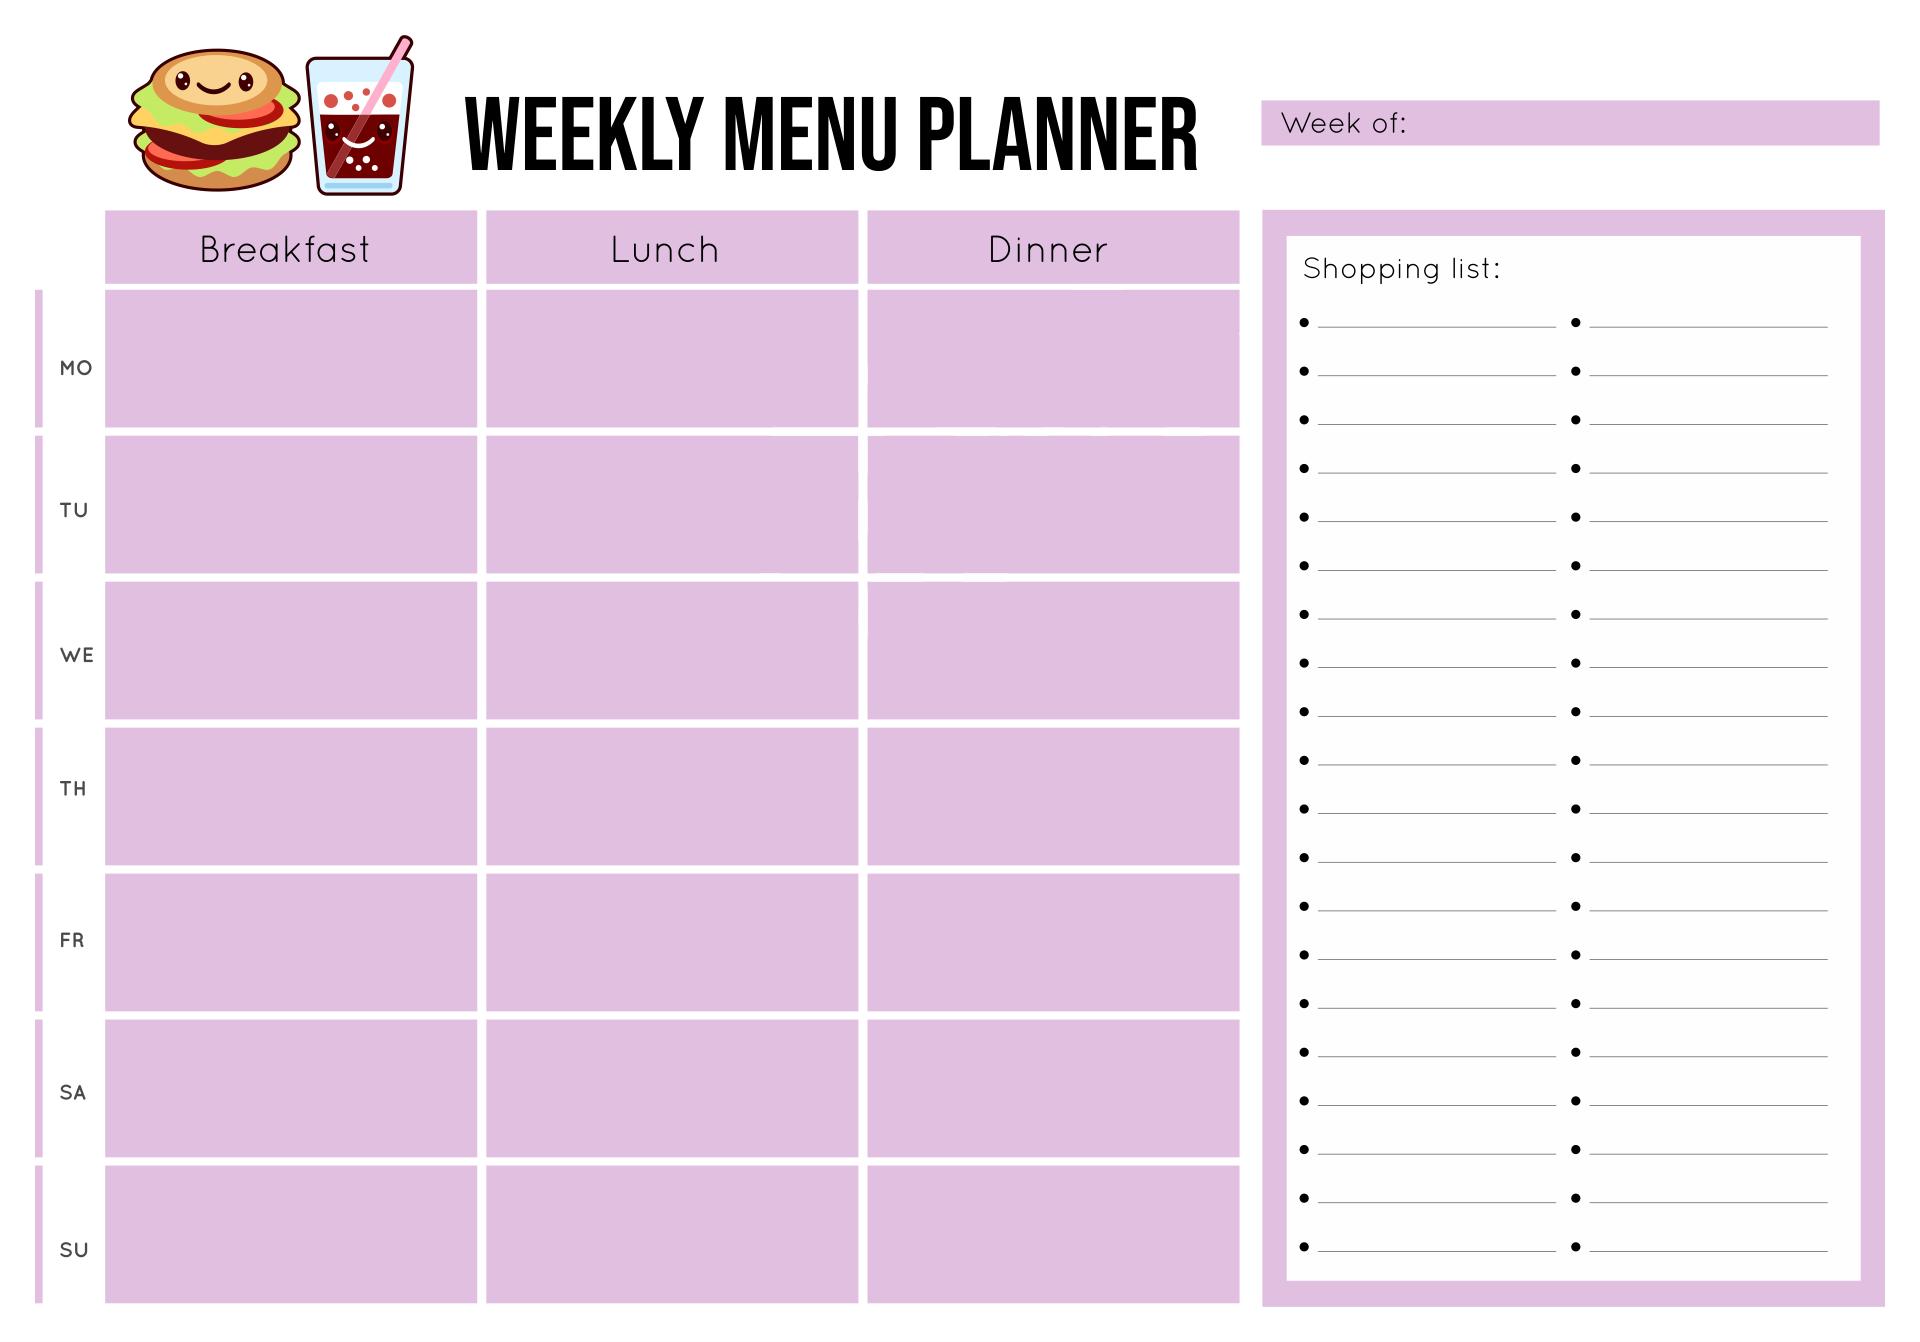 Weekly Menu Planner Template from www.printablee.com